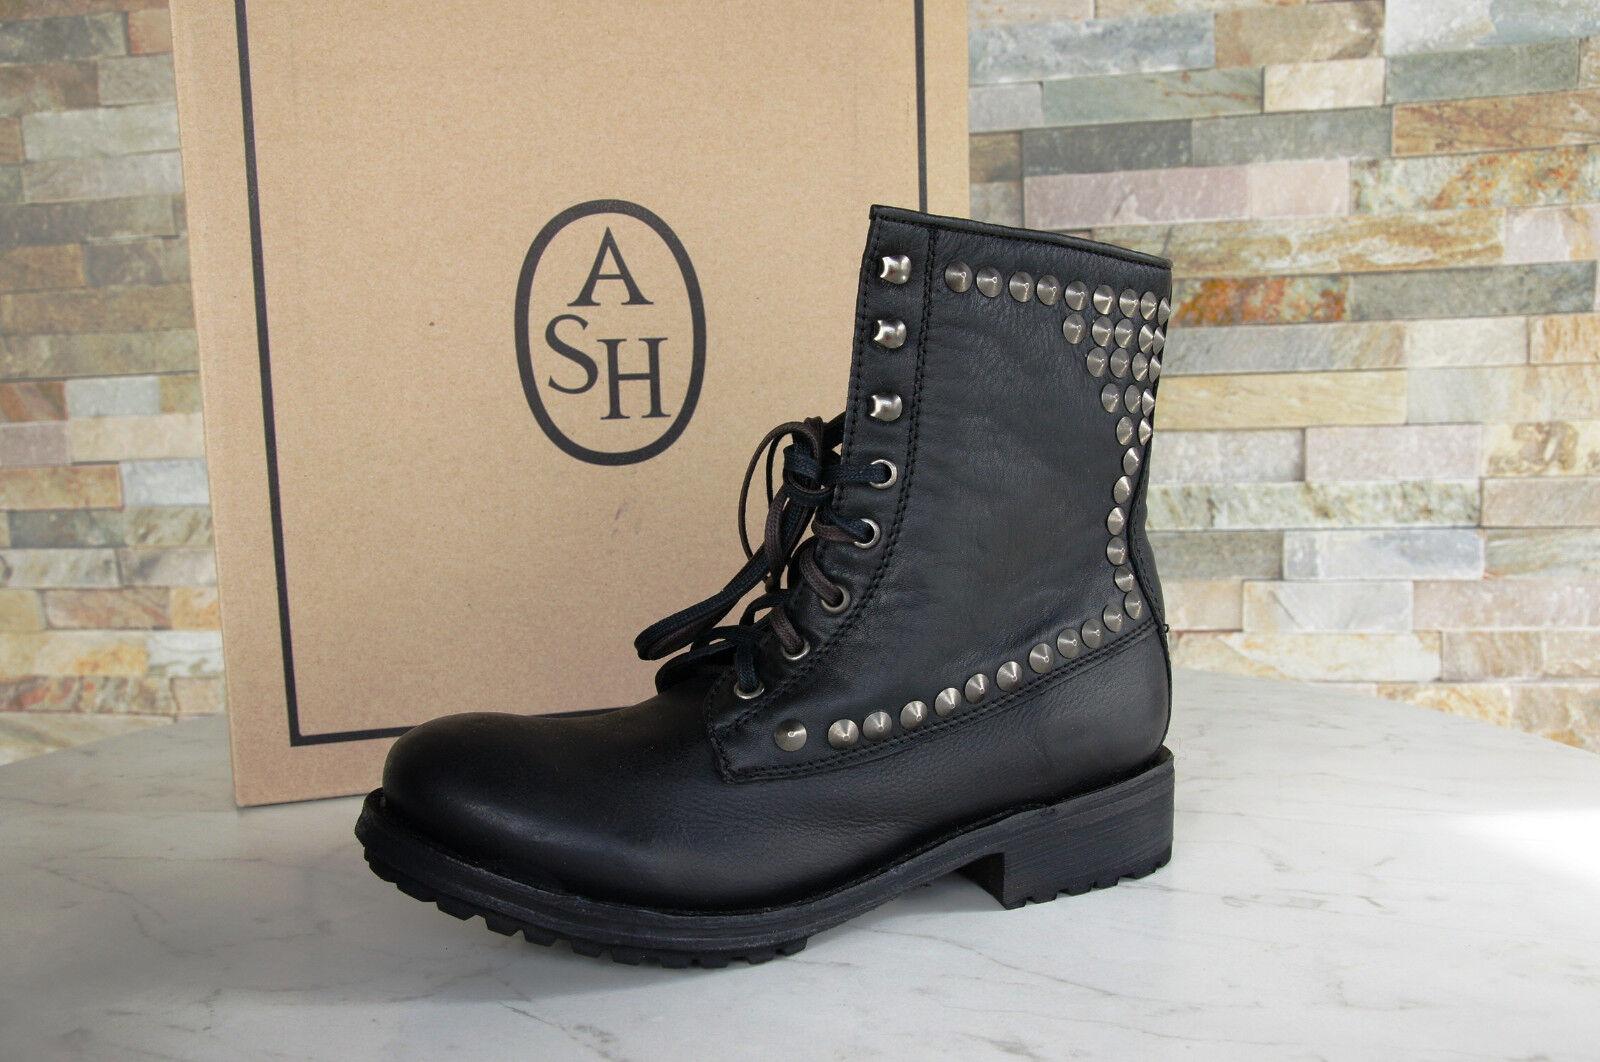 Ash Taille 39,5 Bottes à Lacets Chaussures Ralph Noir Neuf Autrefois